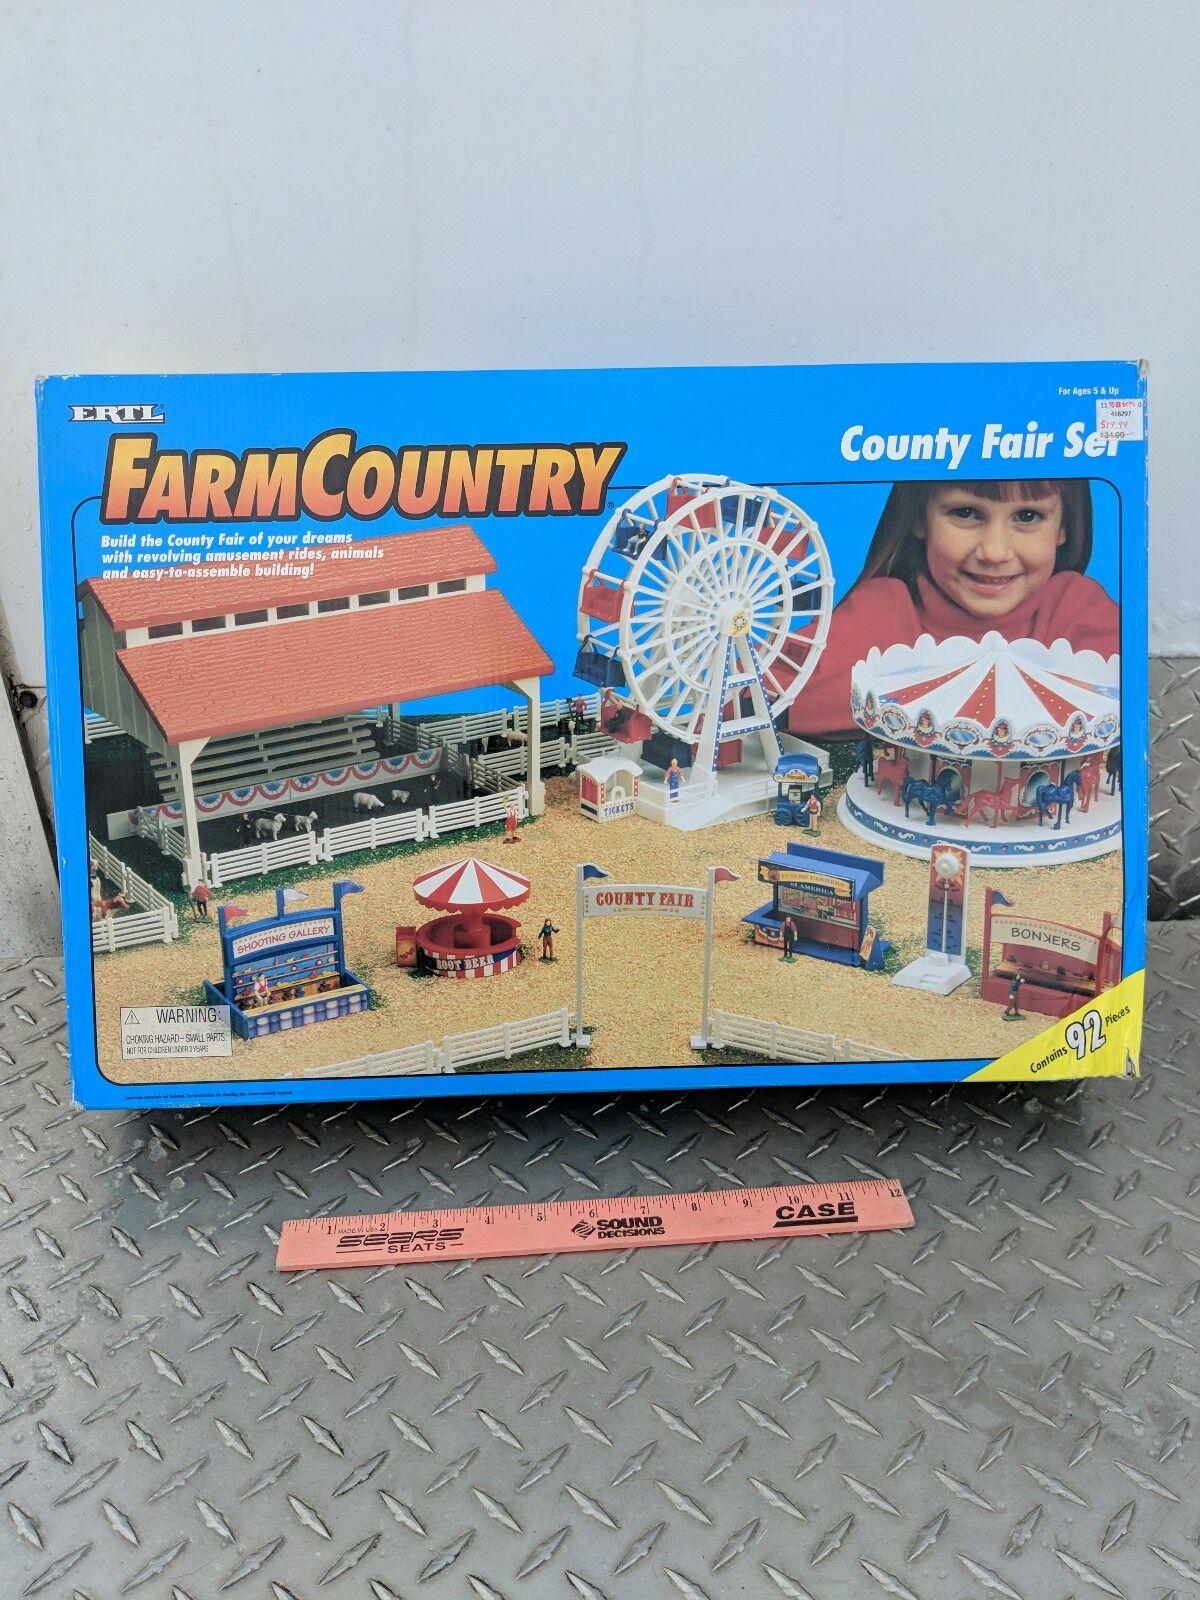 Web oficial 1 64 granja del condado condado condado de país justo conjunto Ertl Jugarset S escala difícil de encontrar nuevo sellado ex figuras  buen precio